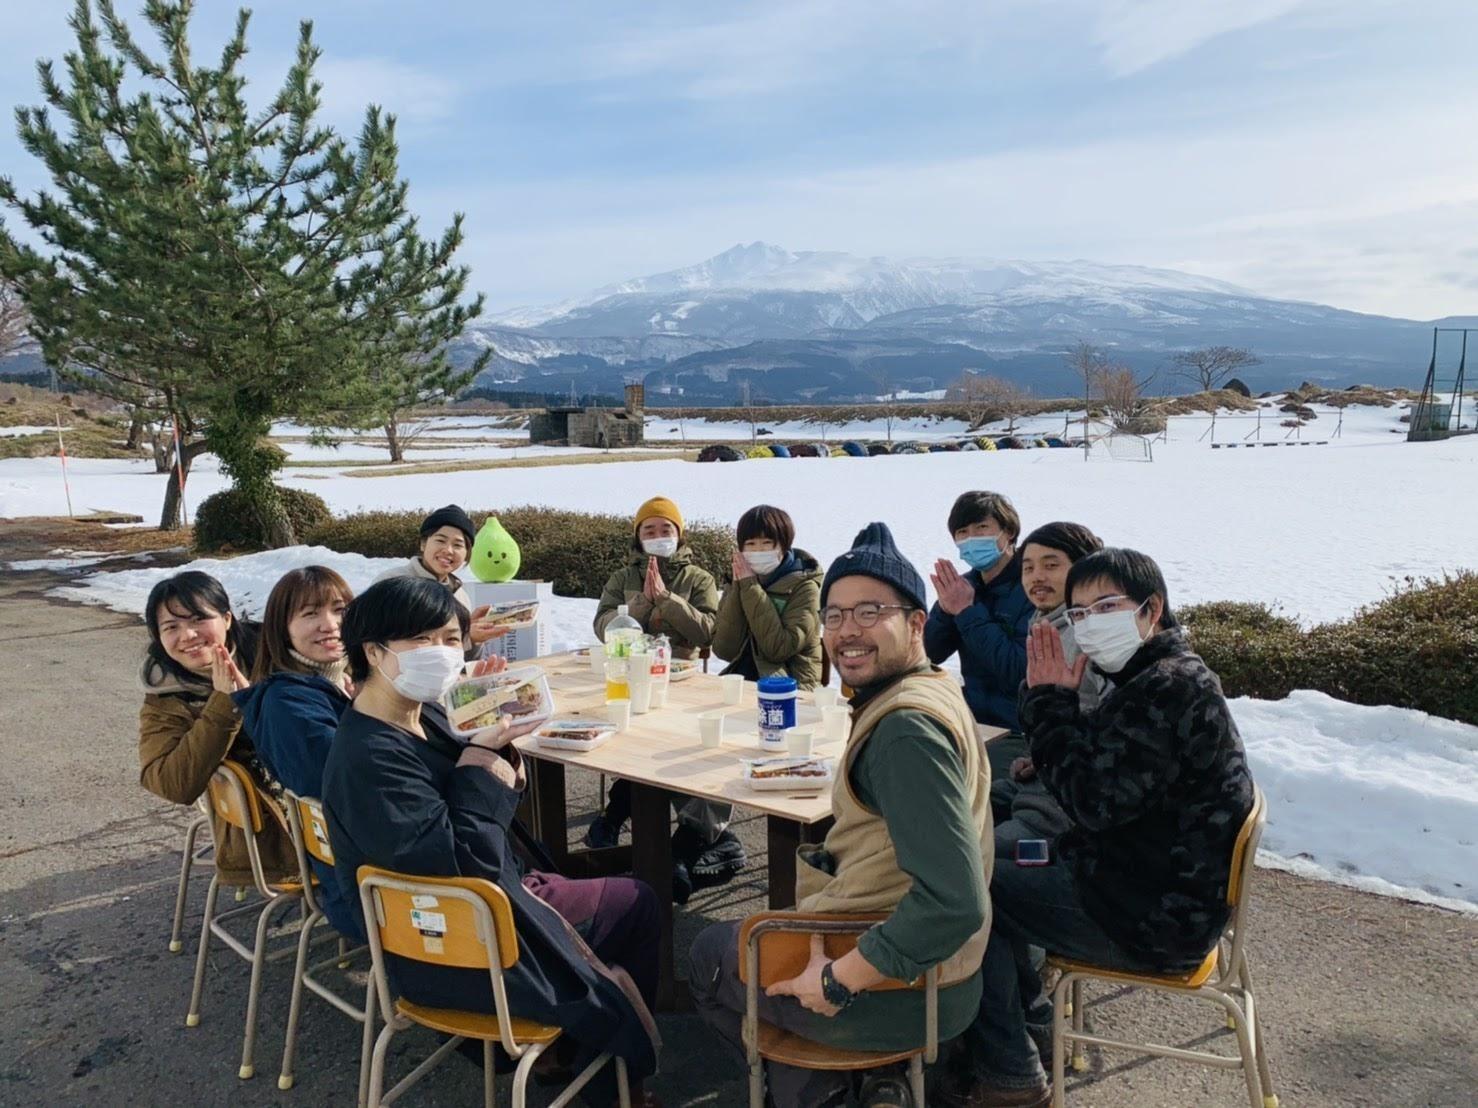 屋外のテーブルで食事をしている人たち  低い精度で自動的に生成された説明